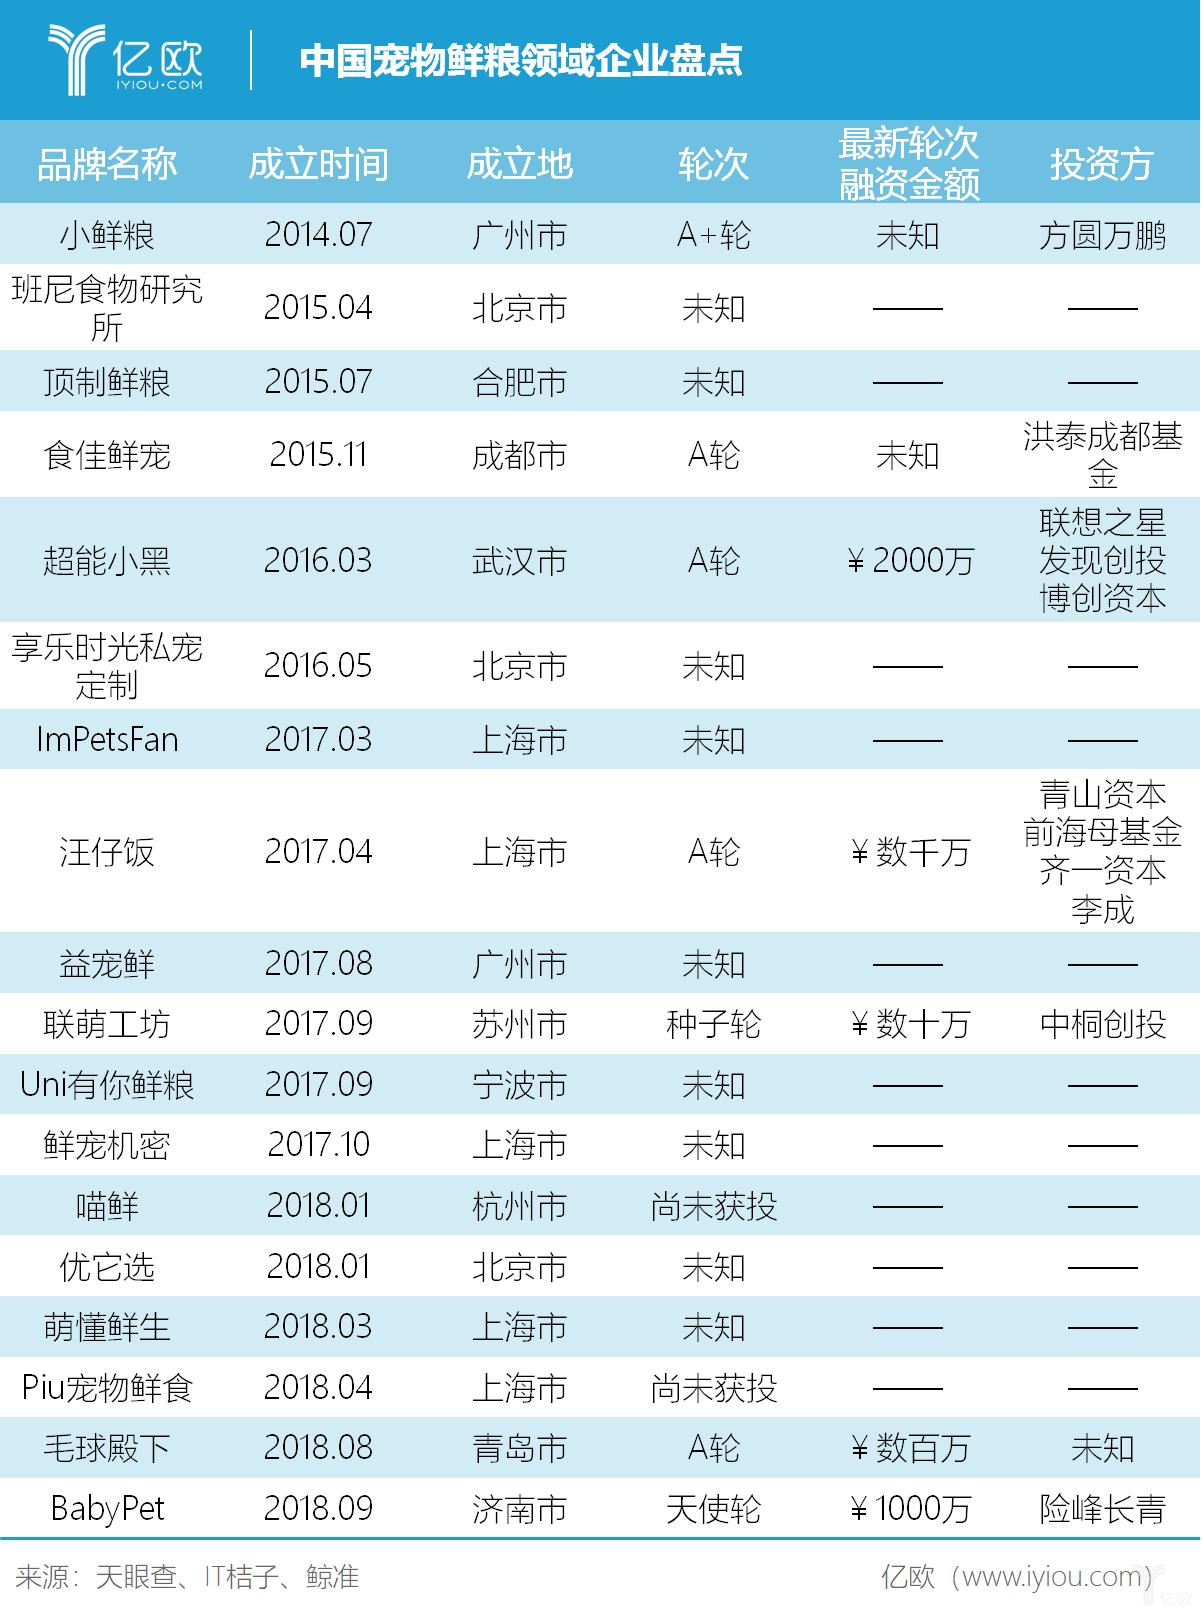 亿欧智库:中国宠物鲜粮领域企业盘点